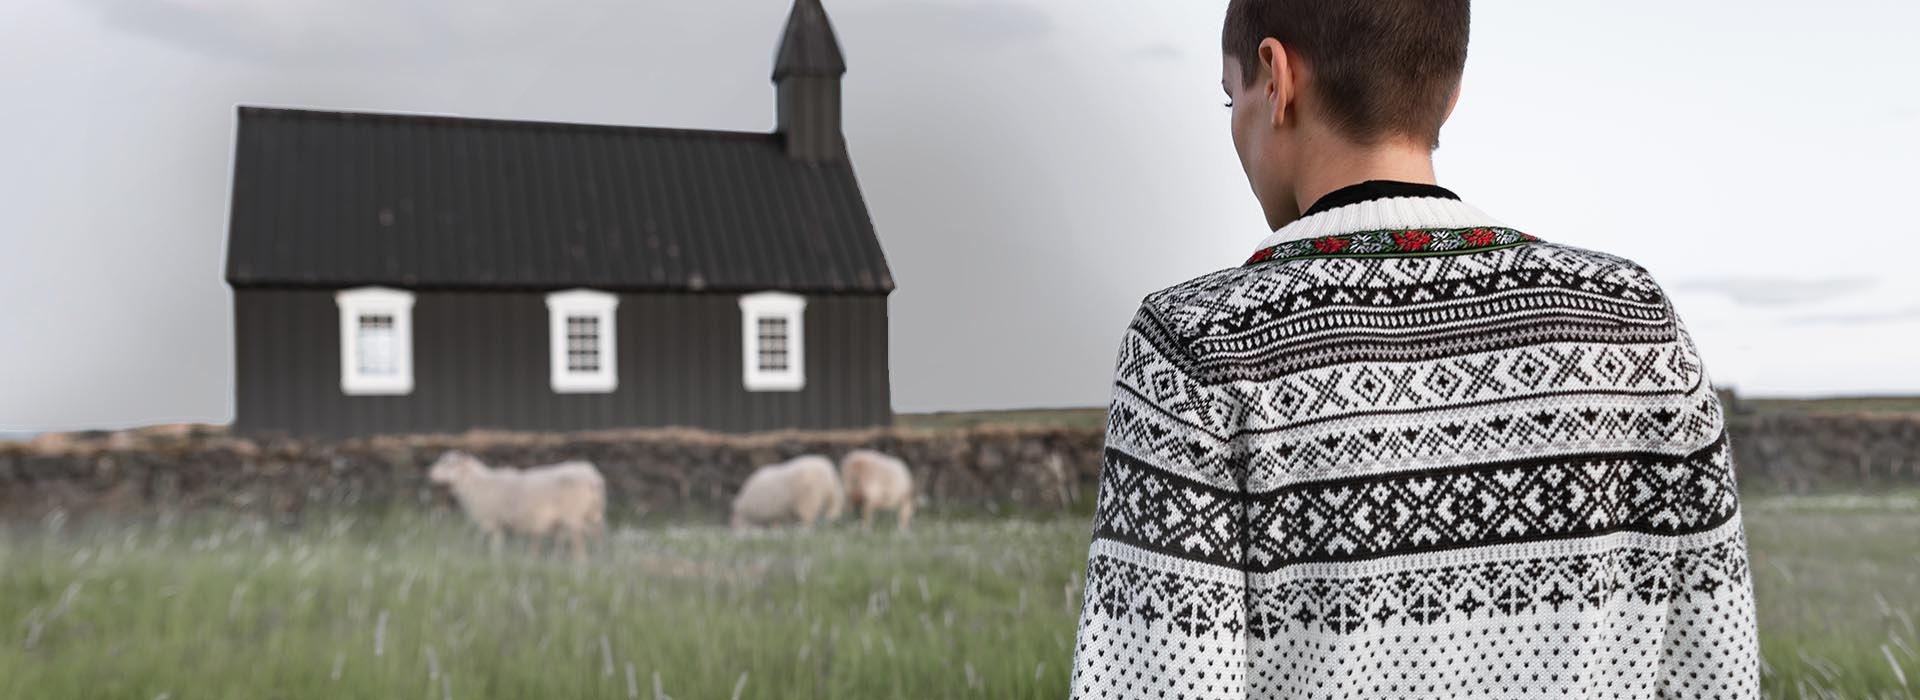 Nordic knitwear